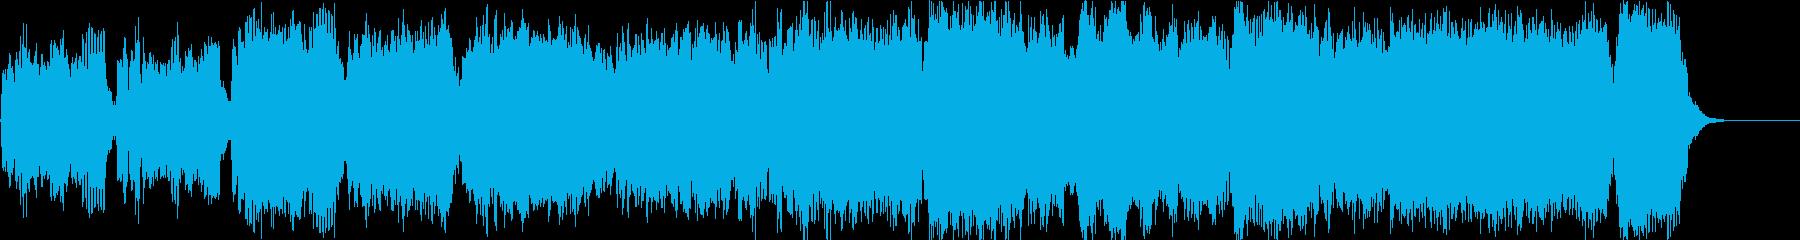 オリジナル弦楽四重奏の曲でバイオリン自慢の再生済みの波形